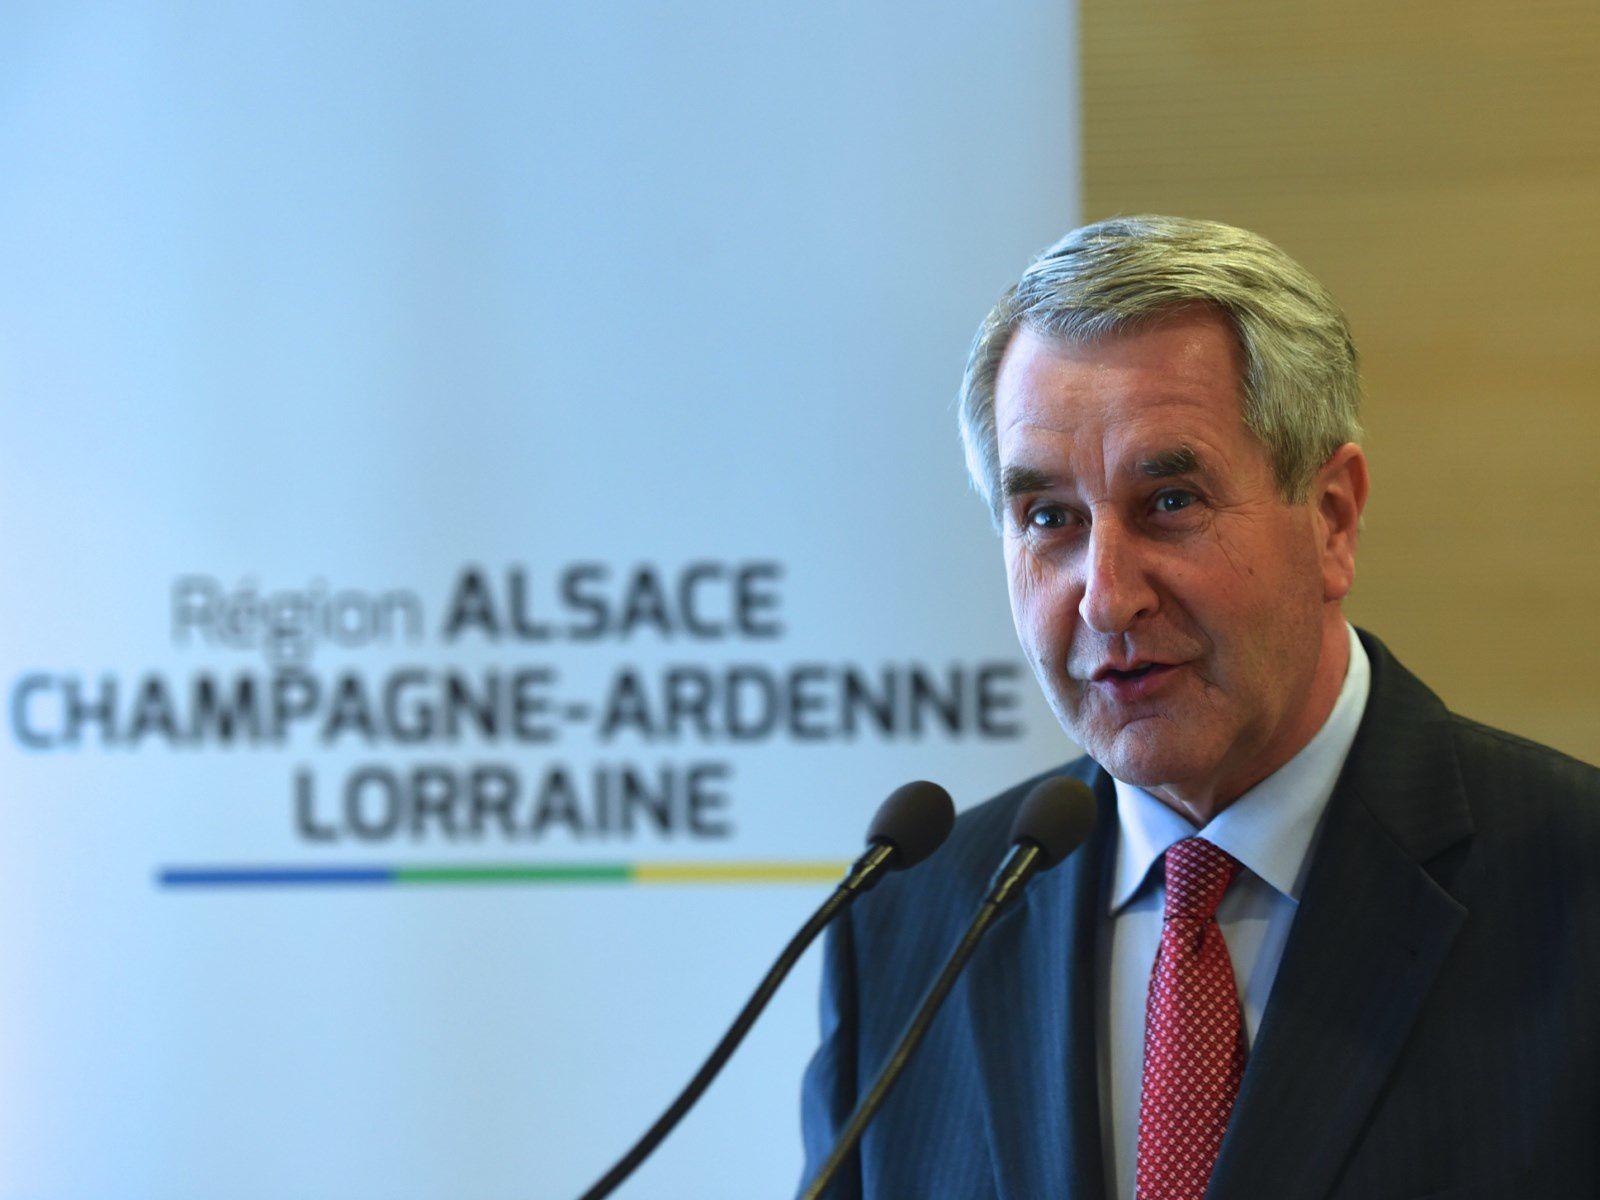 Région Alsace Champagne-Ardenne Lorraine Philippe RICHERT présente ses vœux à la presse